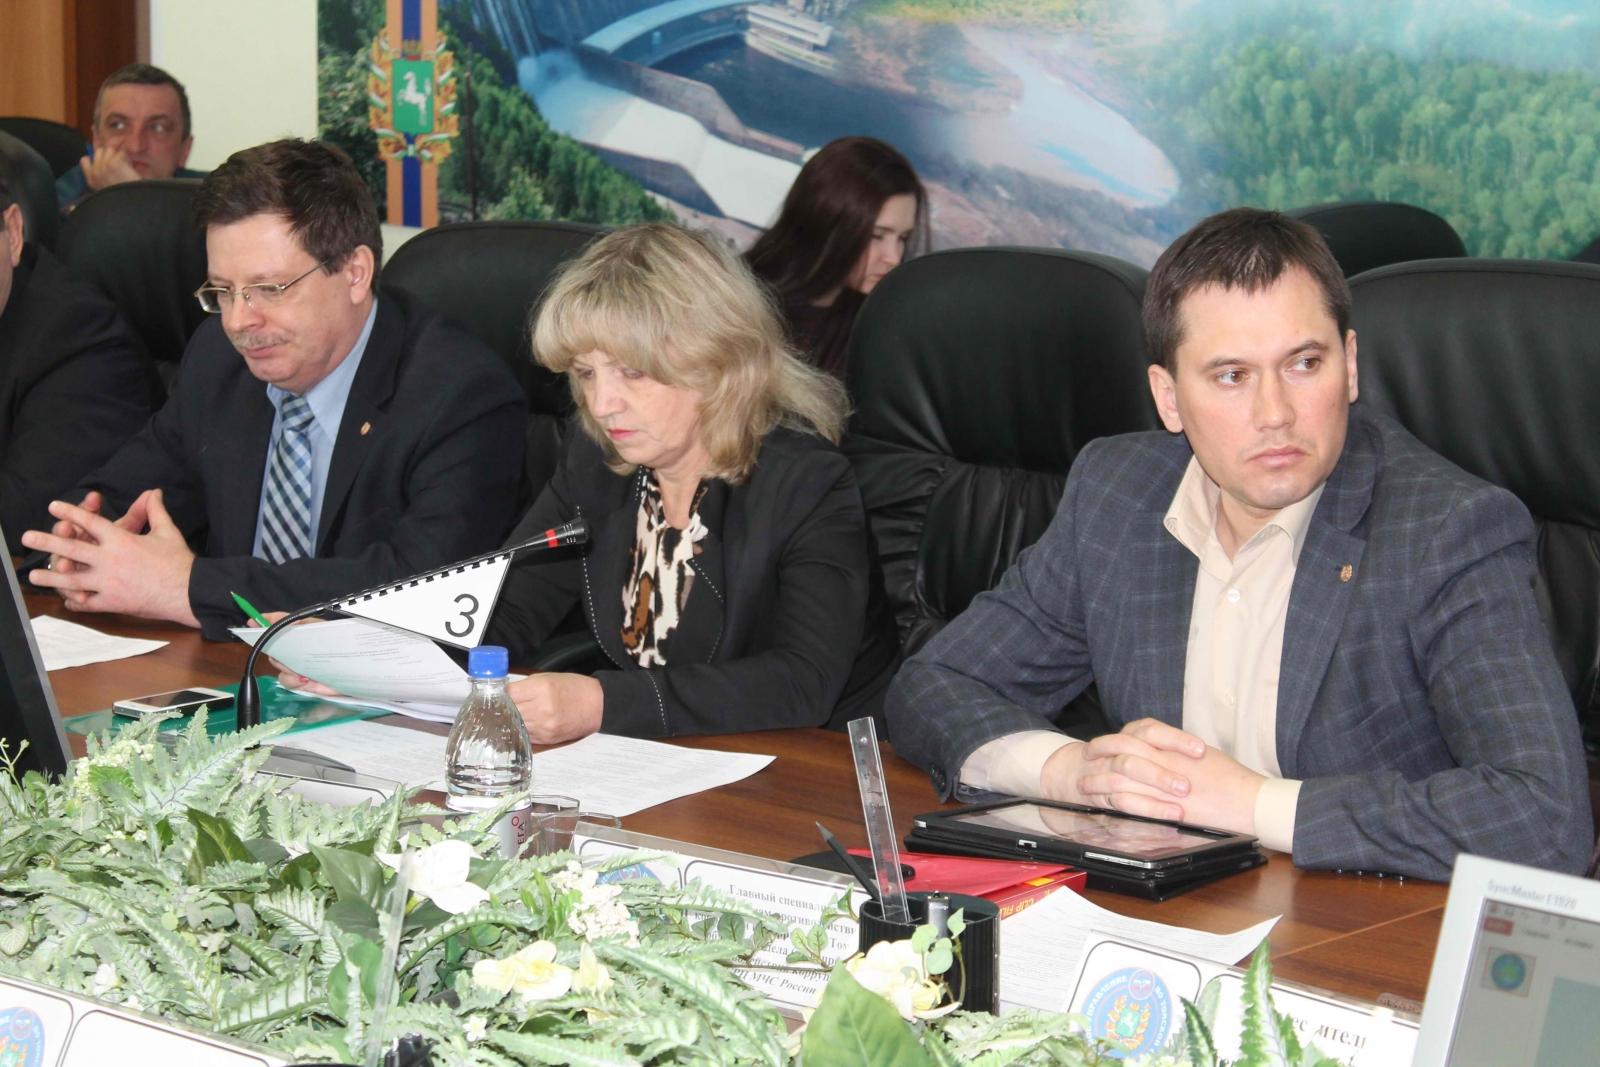 Заседание областной межведомственной комиссии по предупреждению и ликвидации ЧС и обеспечению пожарной безопасности по подготовке к пропуску паводковых вод, 9 апреля 2015 года